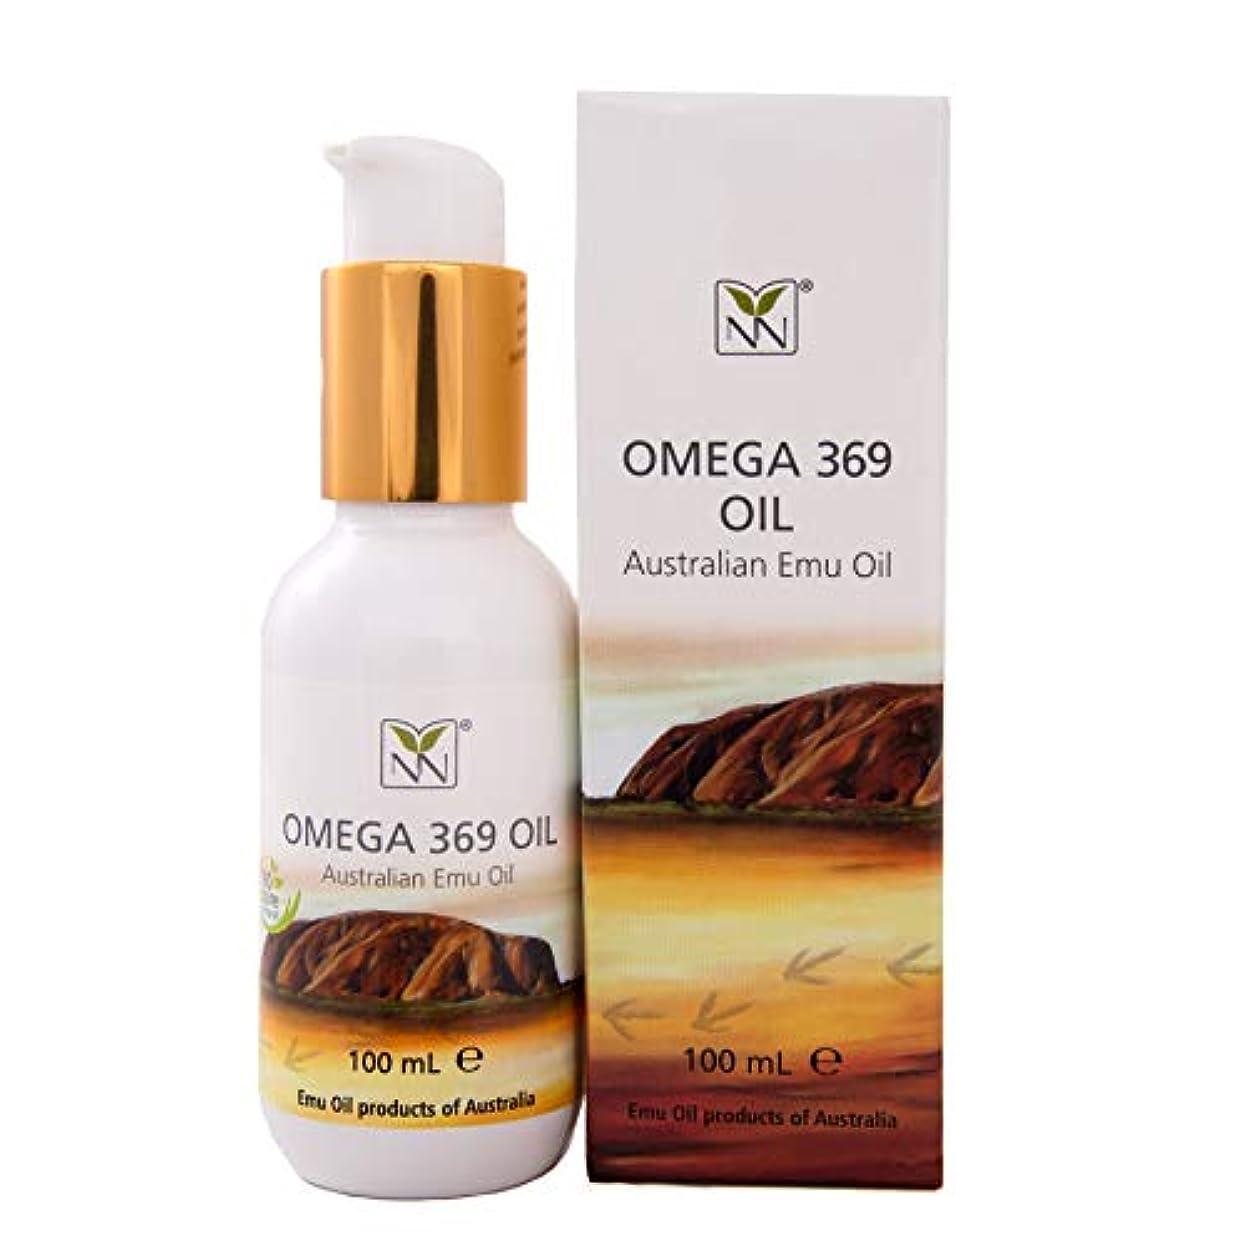 予備傾向メモY Not Natural エミューオイル EMU OIL 無添加100% 保湿性 浸透性 抜群 プレミアム品質 エミュー油 (100 ml)